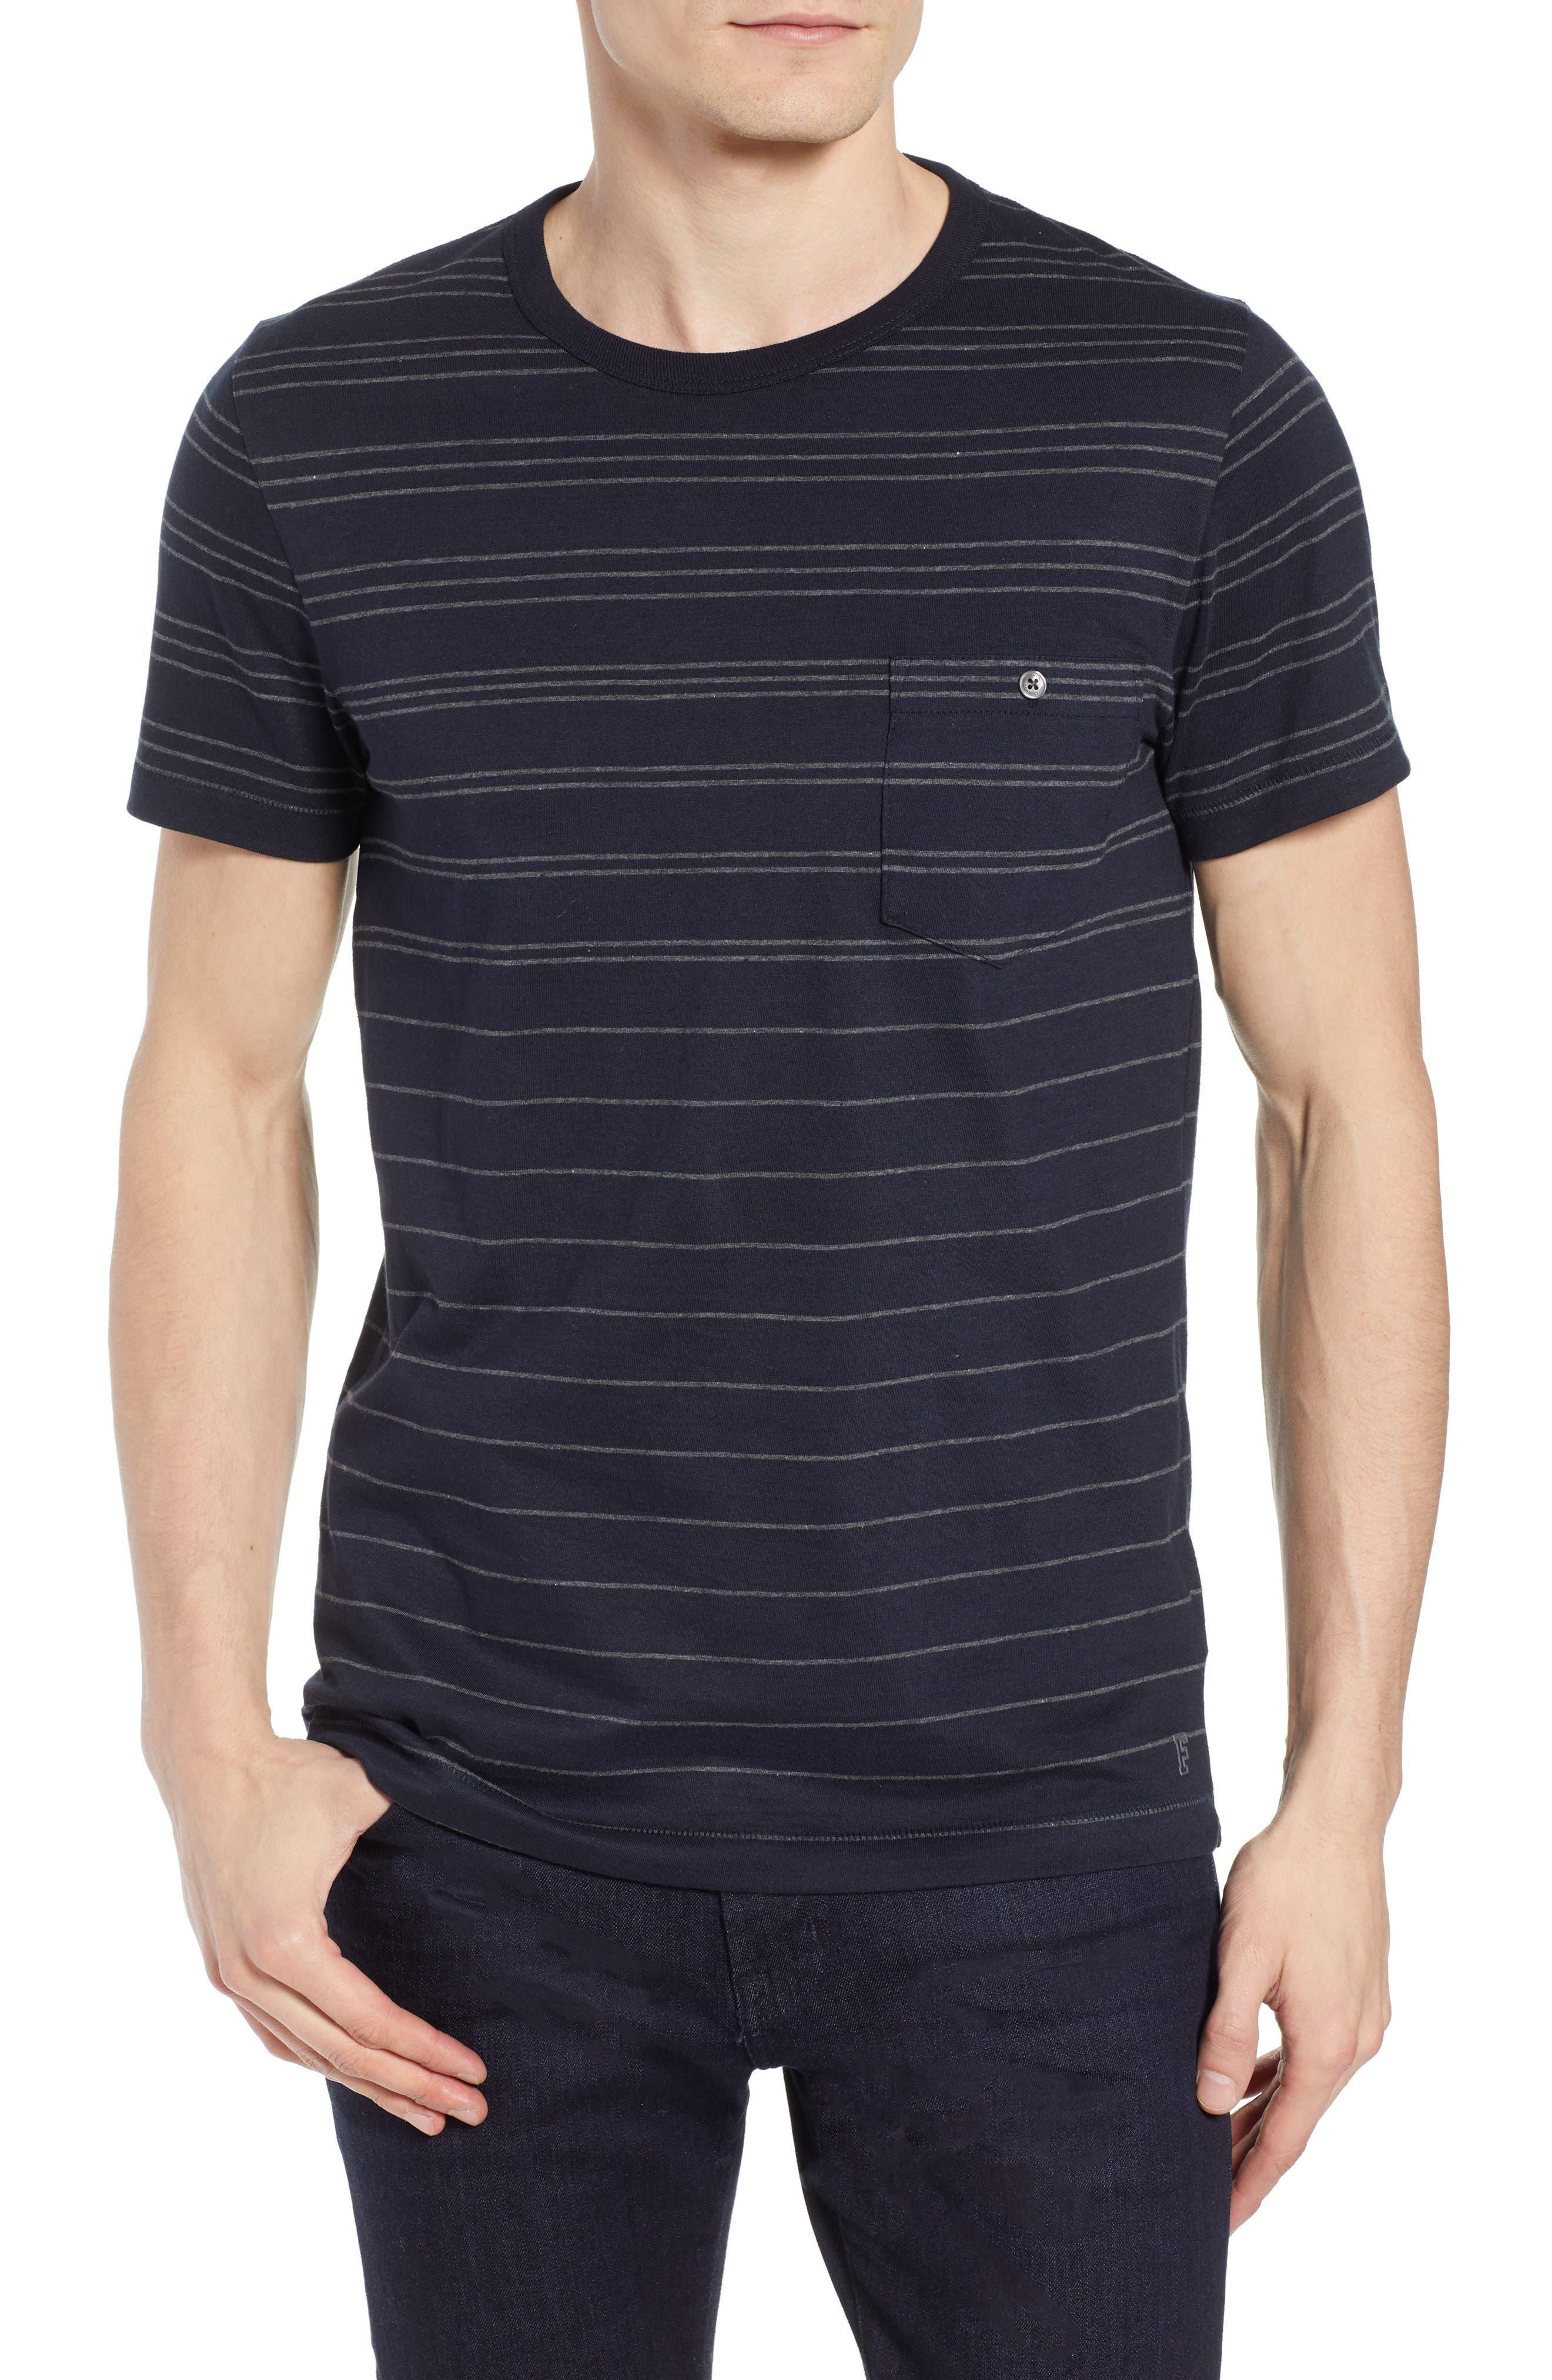 Summer Graded Stripe Pocket T-Shirt,                         Main,                         color, Marine Blue Charcoal Melange